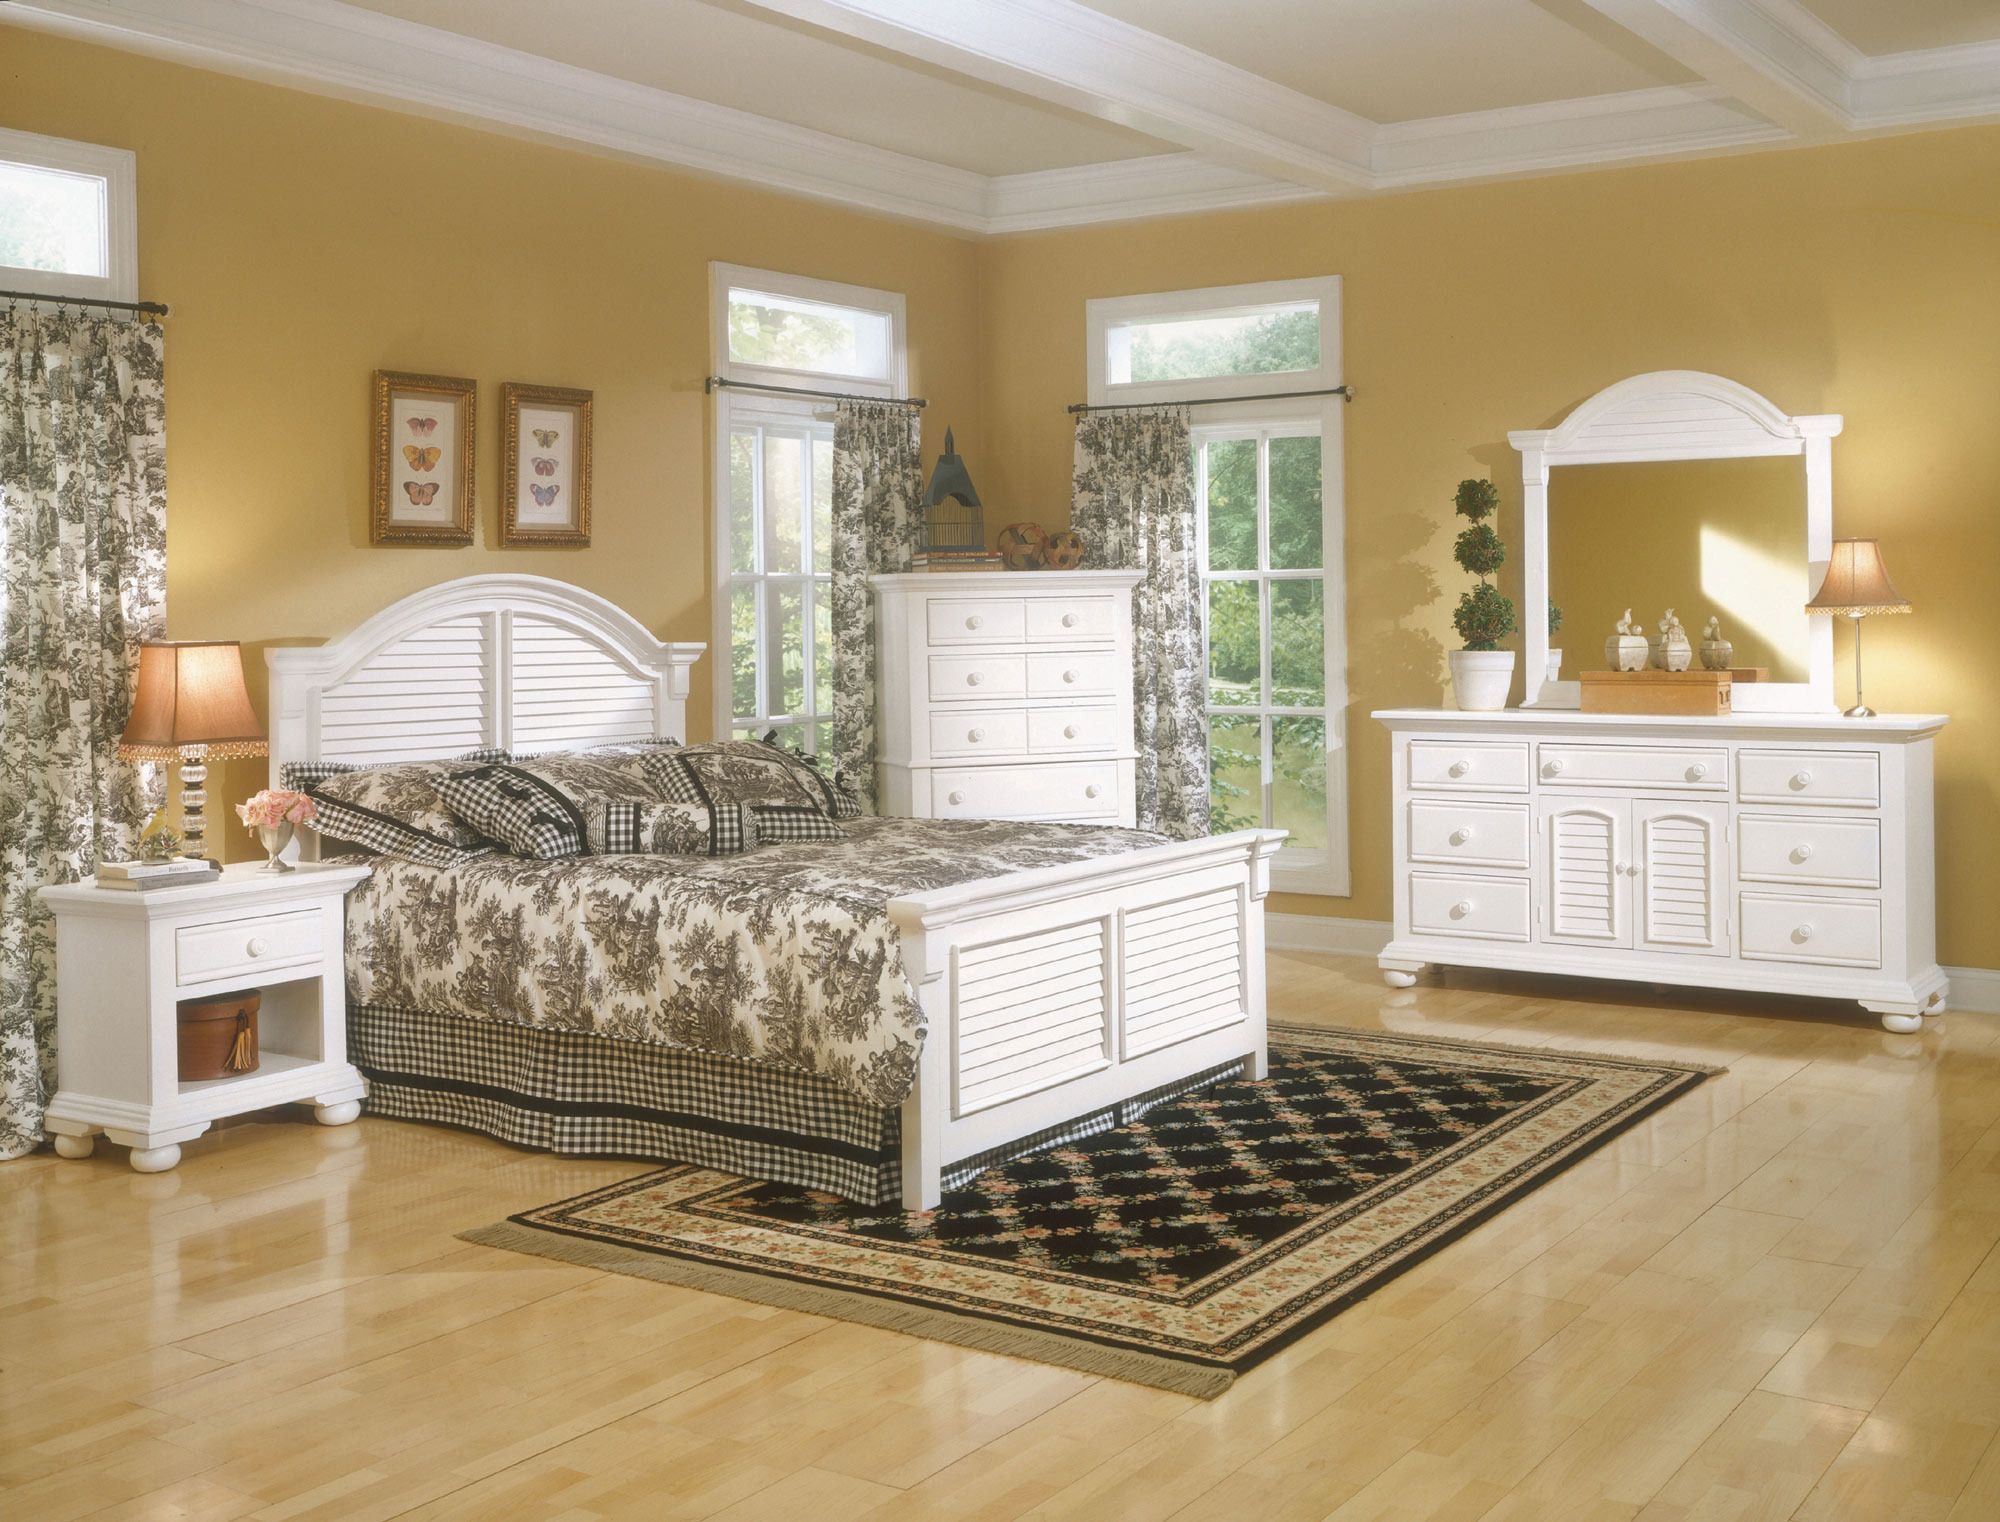 33+ Bedroom furniture sets delaware info